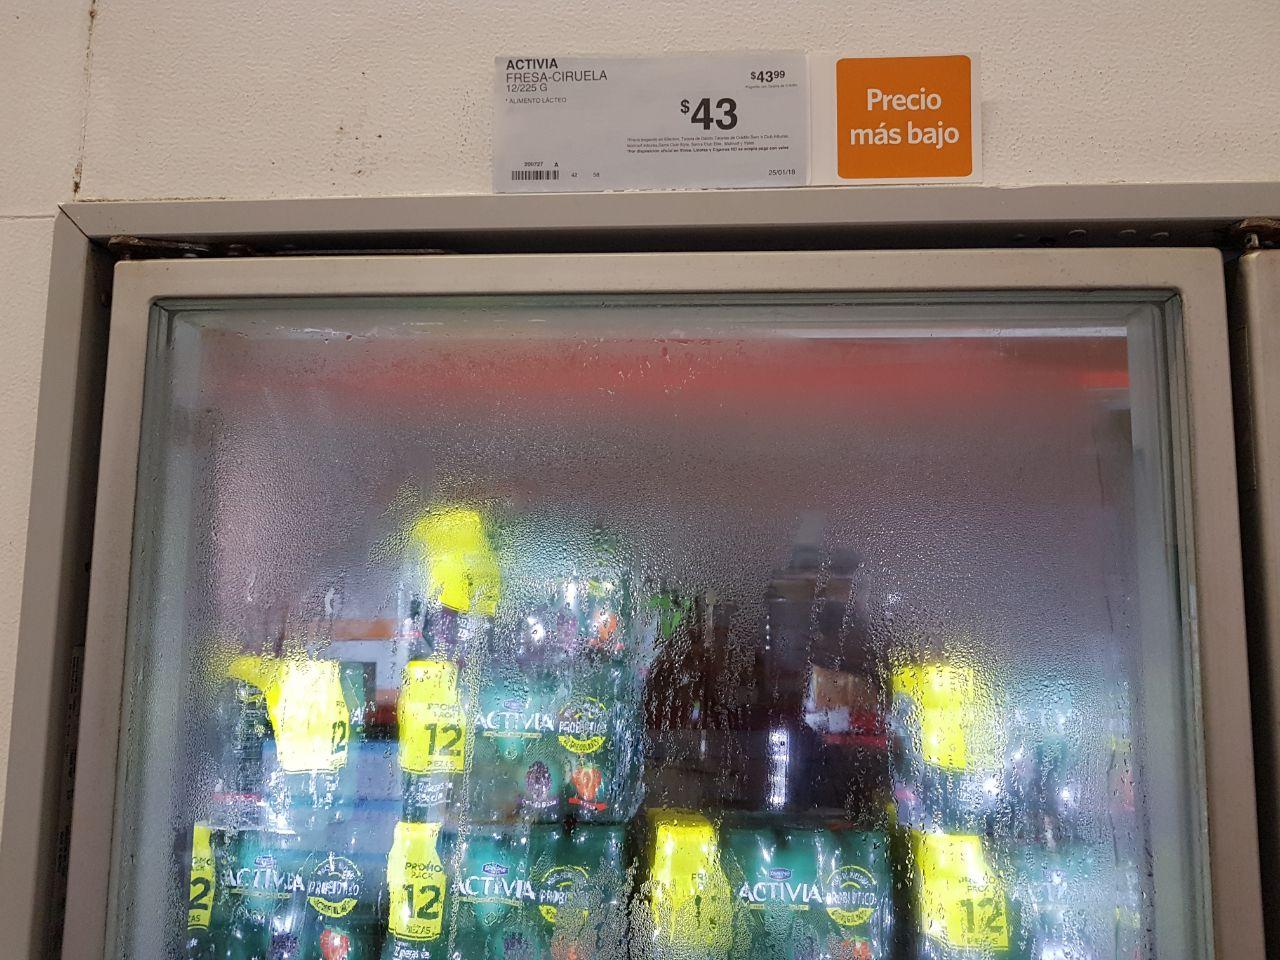 Sams: Activia bebible a $3.6, Danone bebible a $3.4, Nestle bebible a $3.3